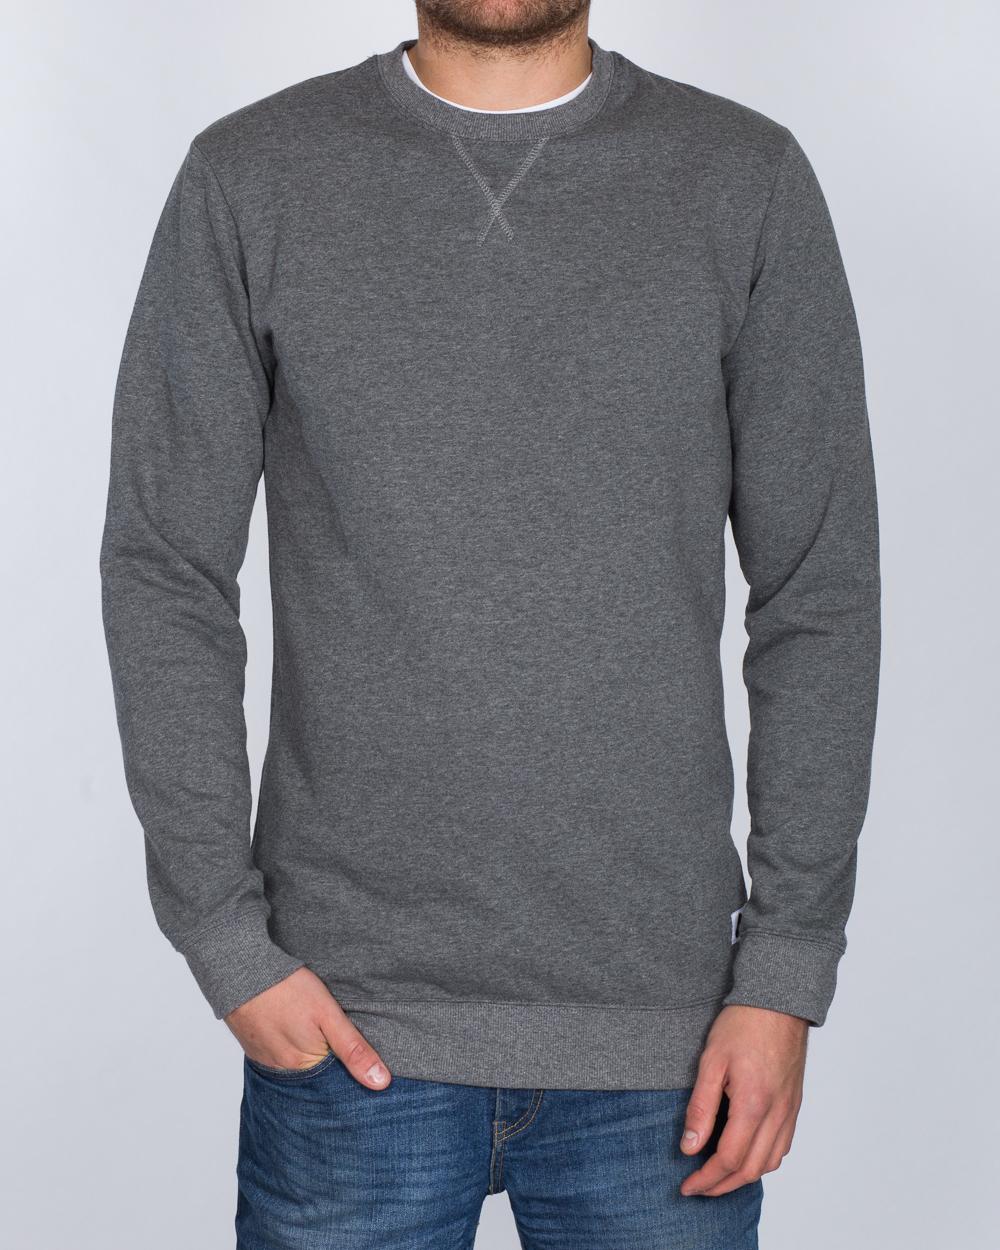 2t Slim Fit Tall Sweatshirt (charcoal)